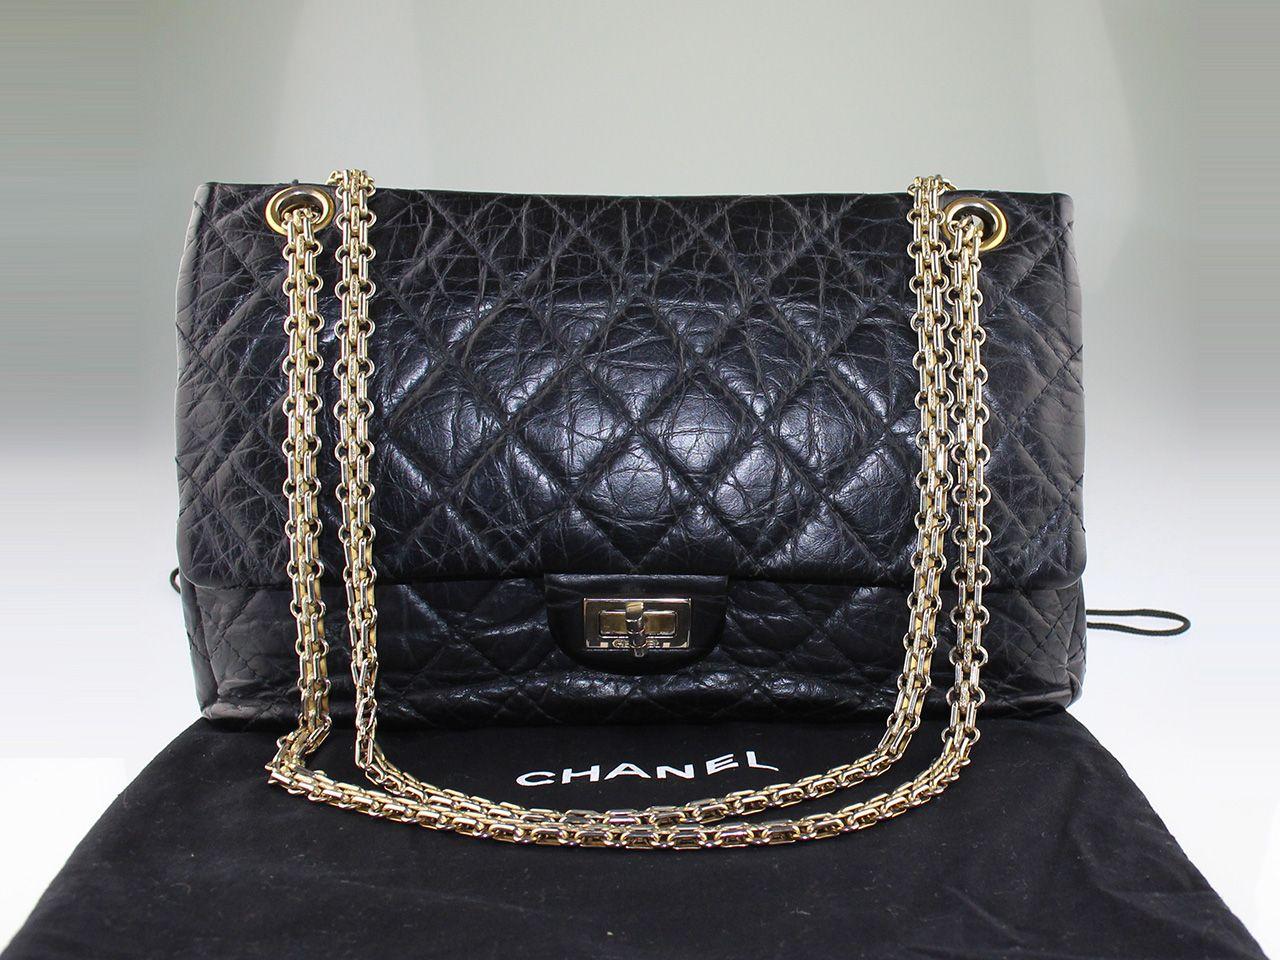 6d3a2e6ec8 Sac à main Chanel 2.55 fermoir mademoiselle en cuir matelassé noir style  vintage en occasion. Prix d'occasion : 3199 € / Excellent état